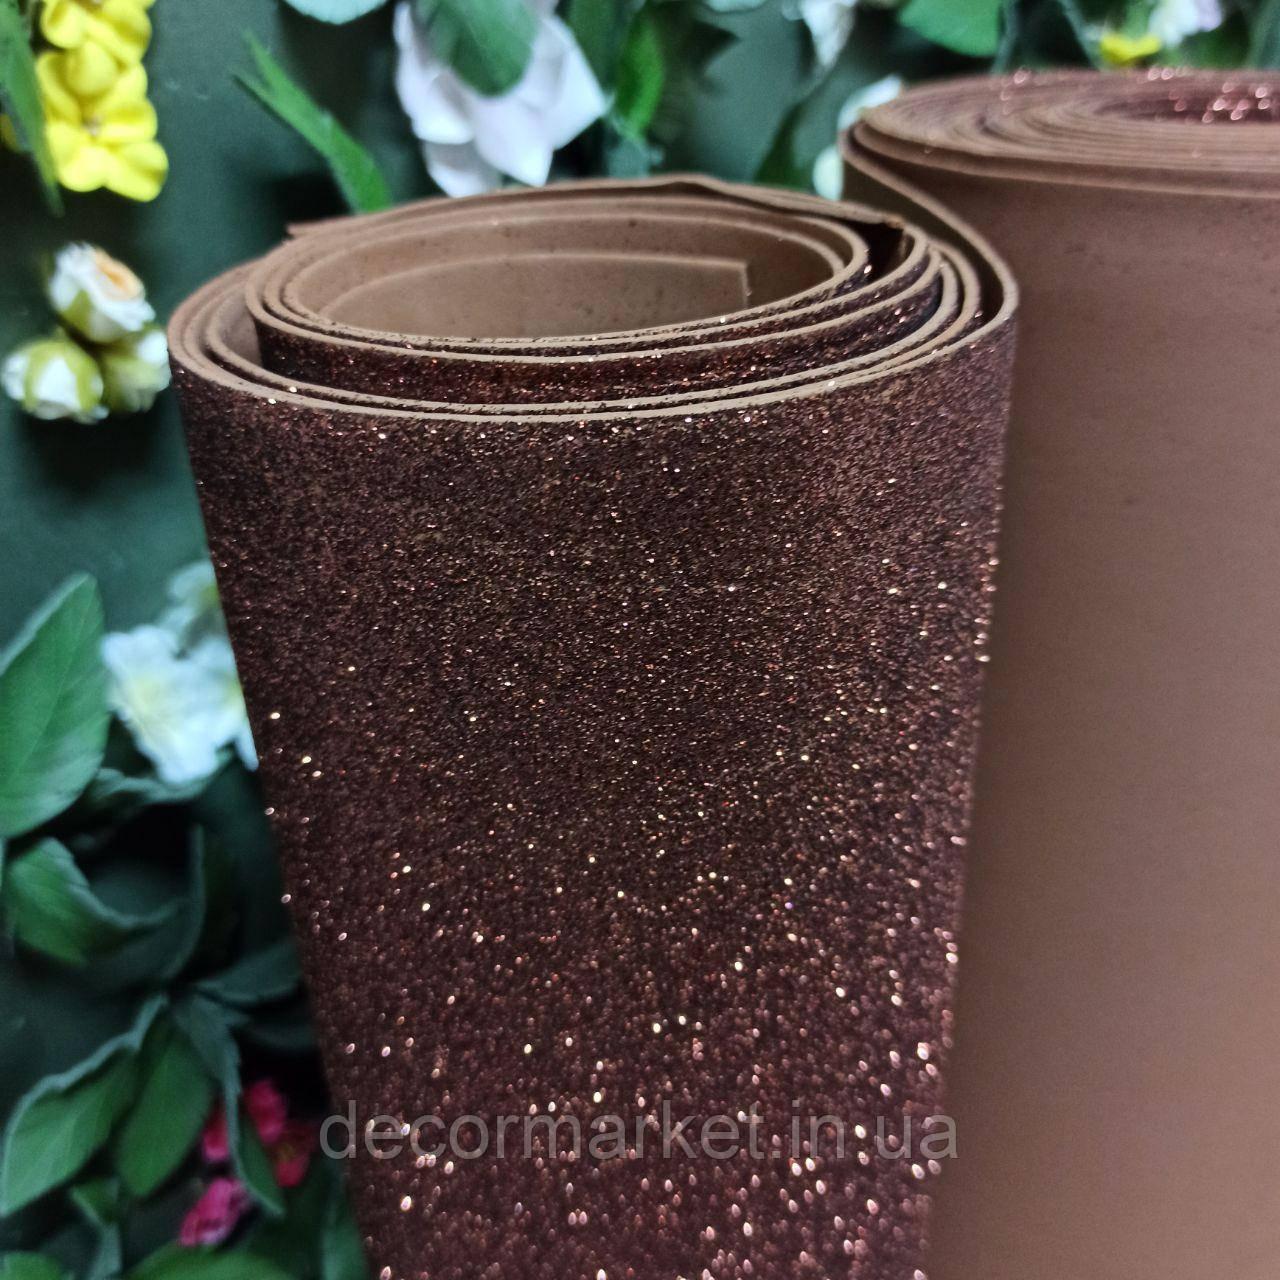 Фоамиран глиттерный коричневый 2 мм рулонный